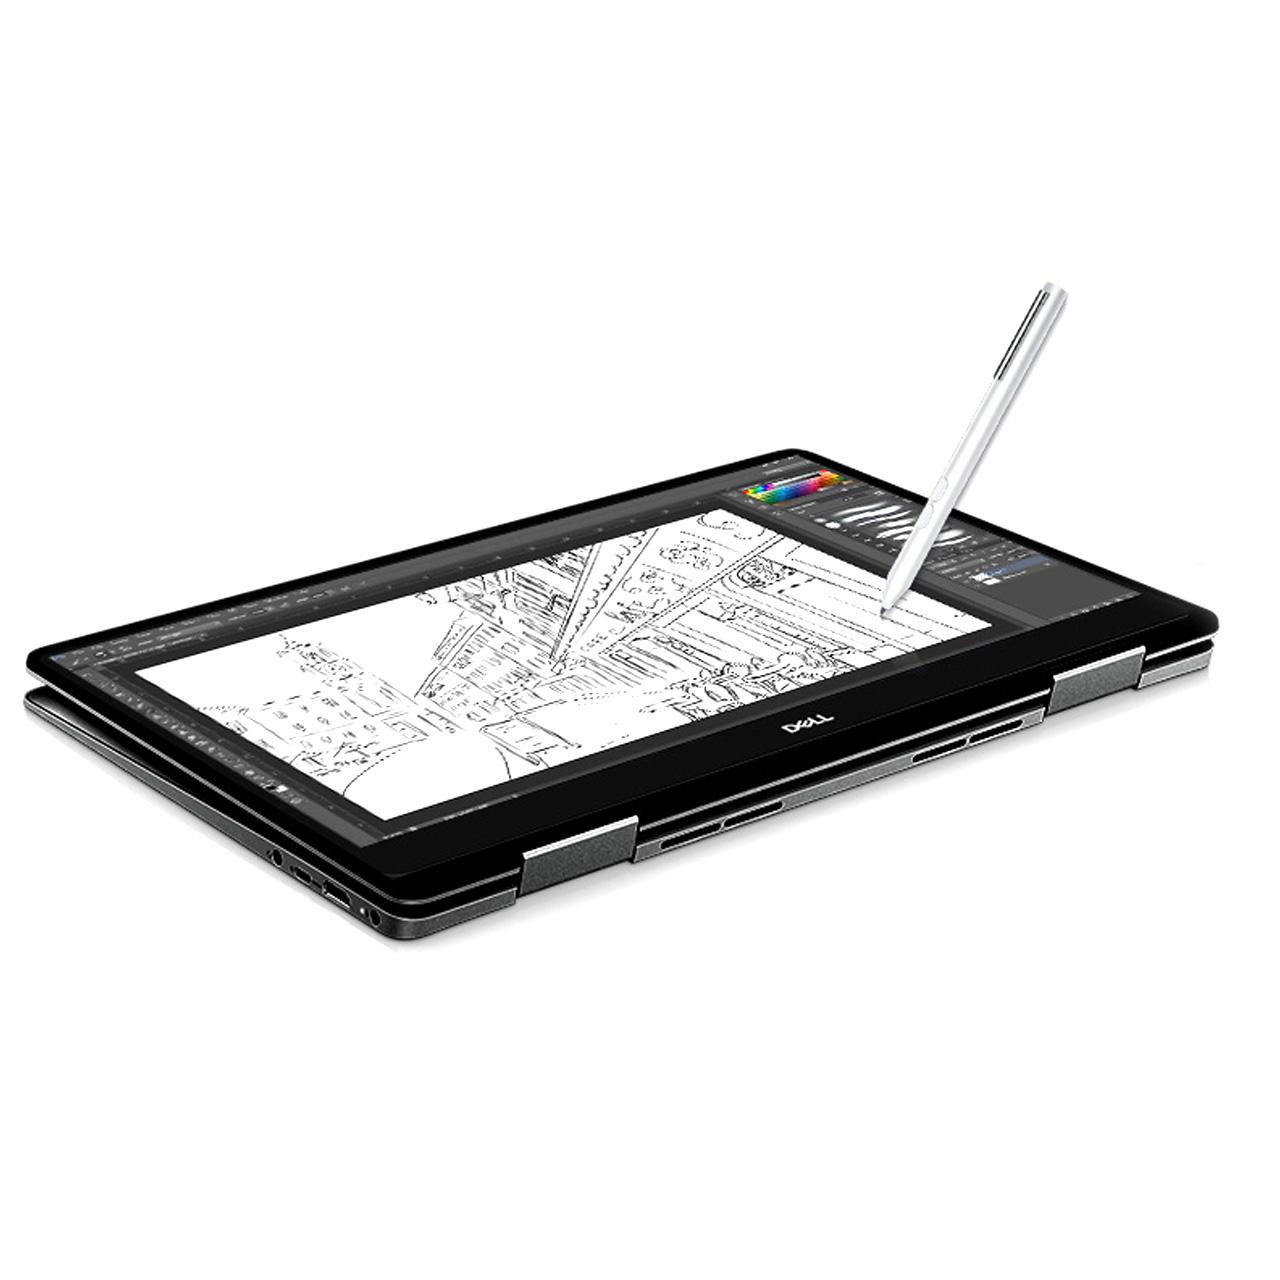 델 노트북 INSPIRON 15 7586 2in1 노트북 D005I7586503KR (i7-8565U 39.62cm WIN10 16GB SSD 512G), 혼합 색상